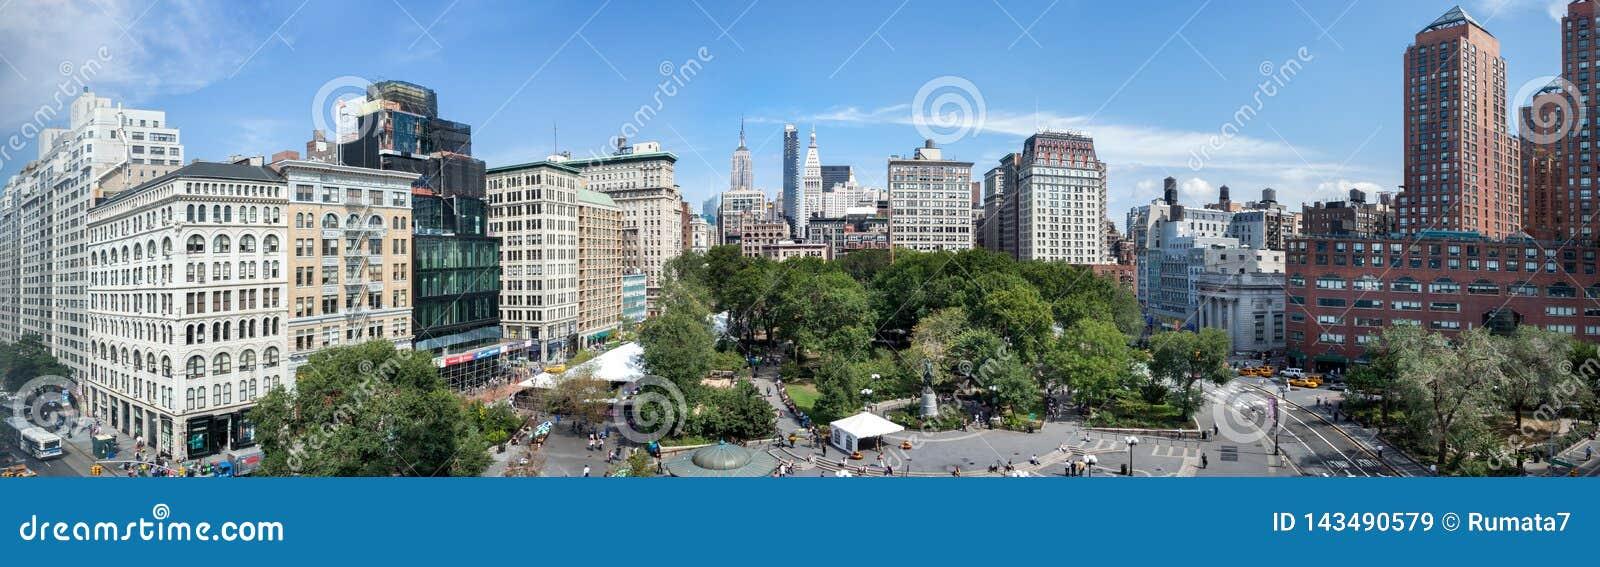 Überraschende panoramische Vogelperspektive von Union Square in New York City USA